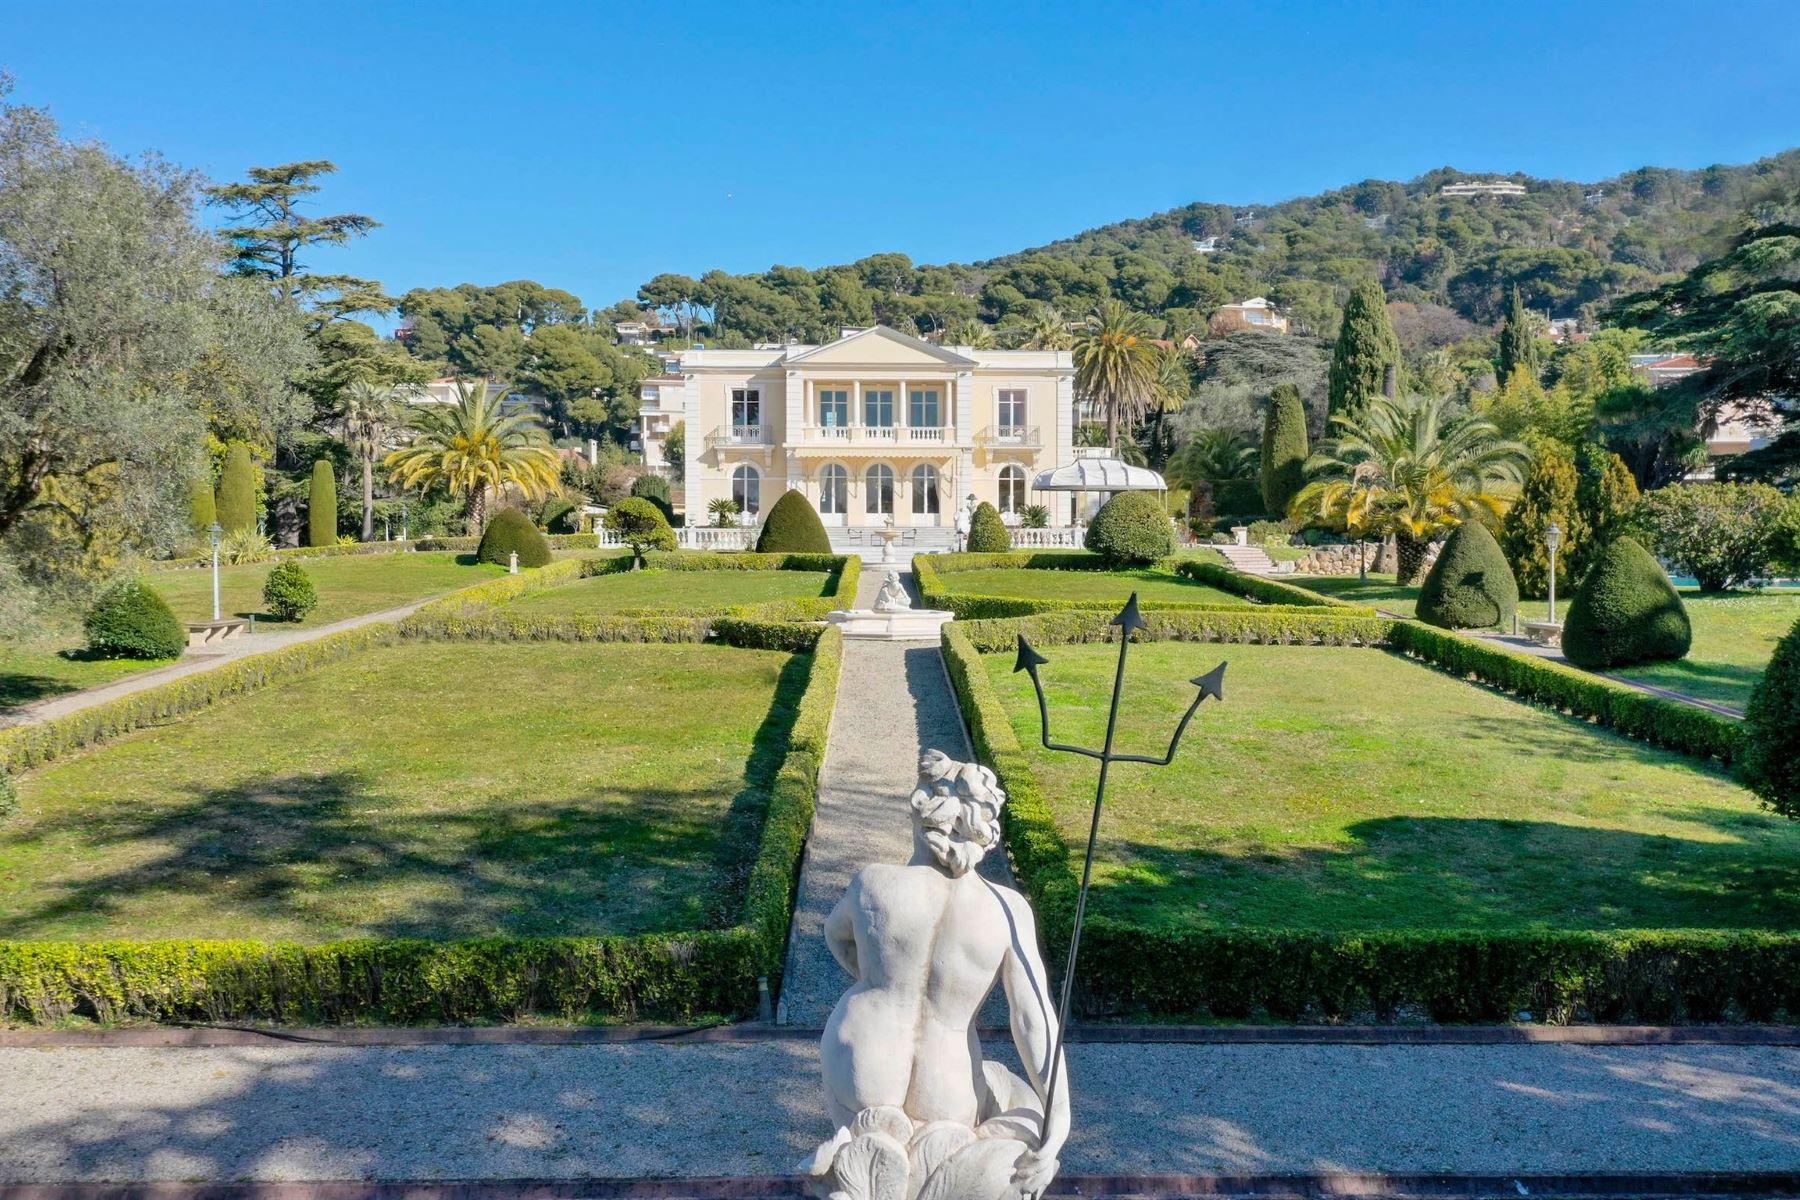 Single Family Home for Sale at Le Château Sainte-Anne, a unique Belle-Époque mansion in the heart of Cannes Cannes, Provence-Alpes-Cote D'Azur 06400 France